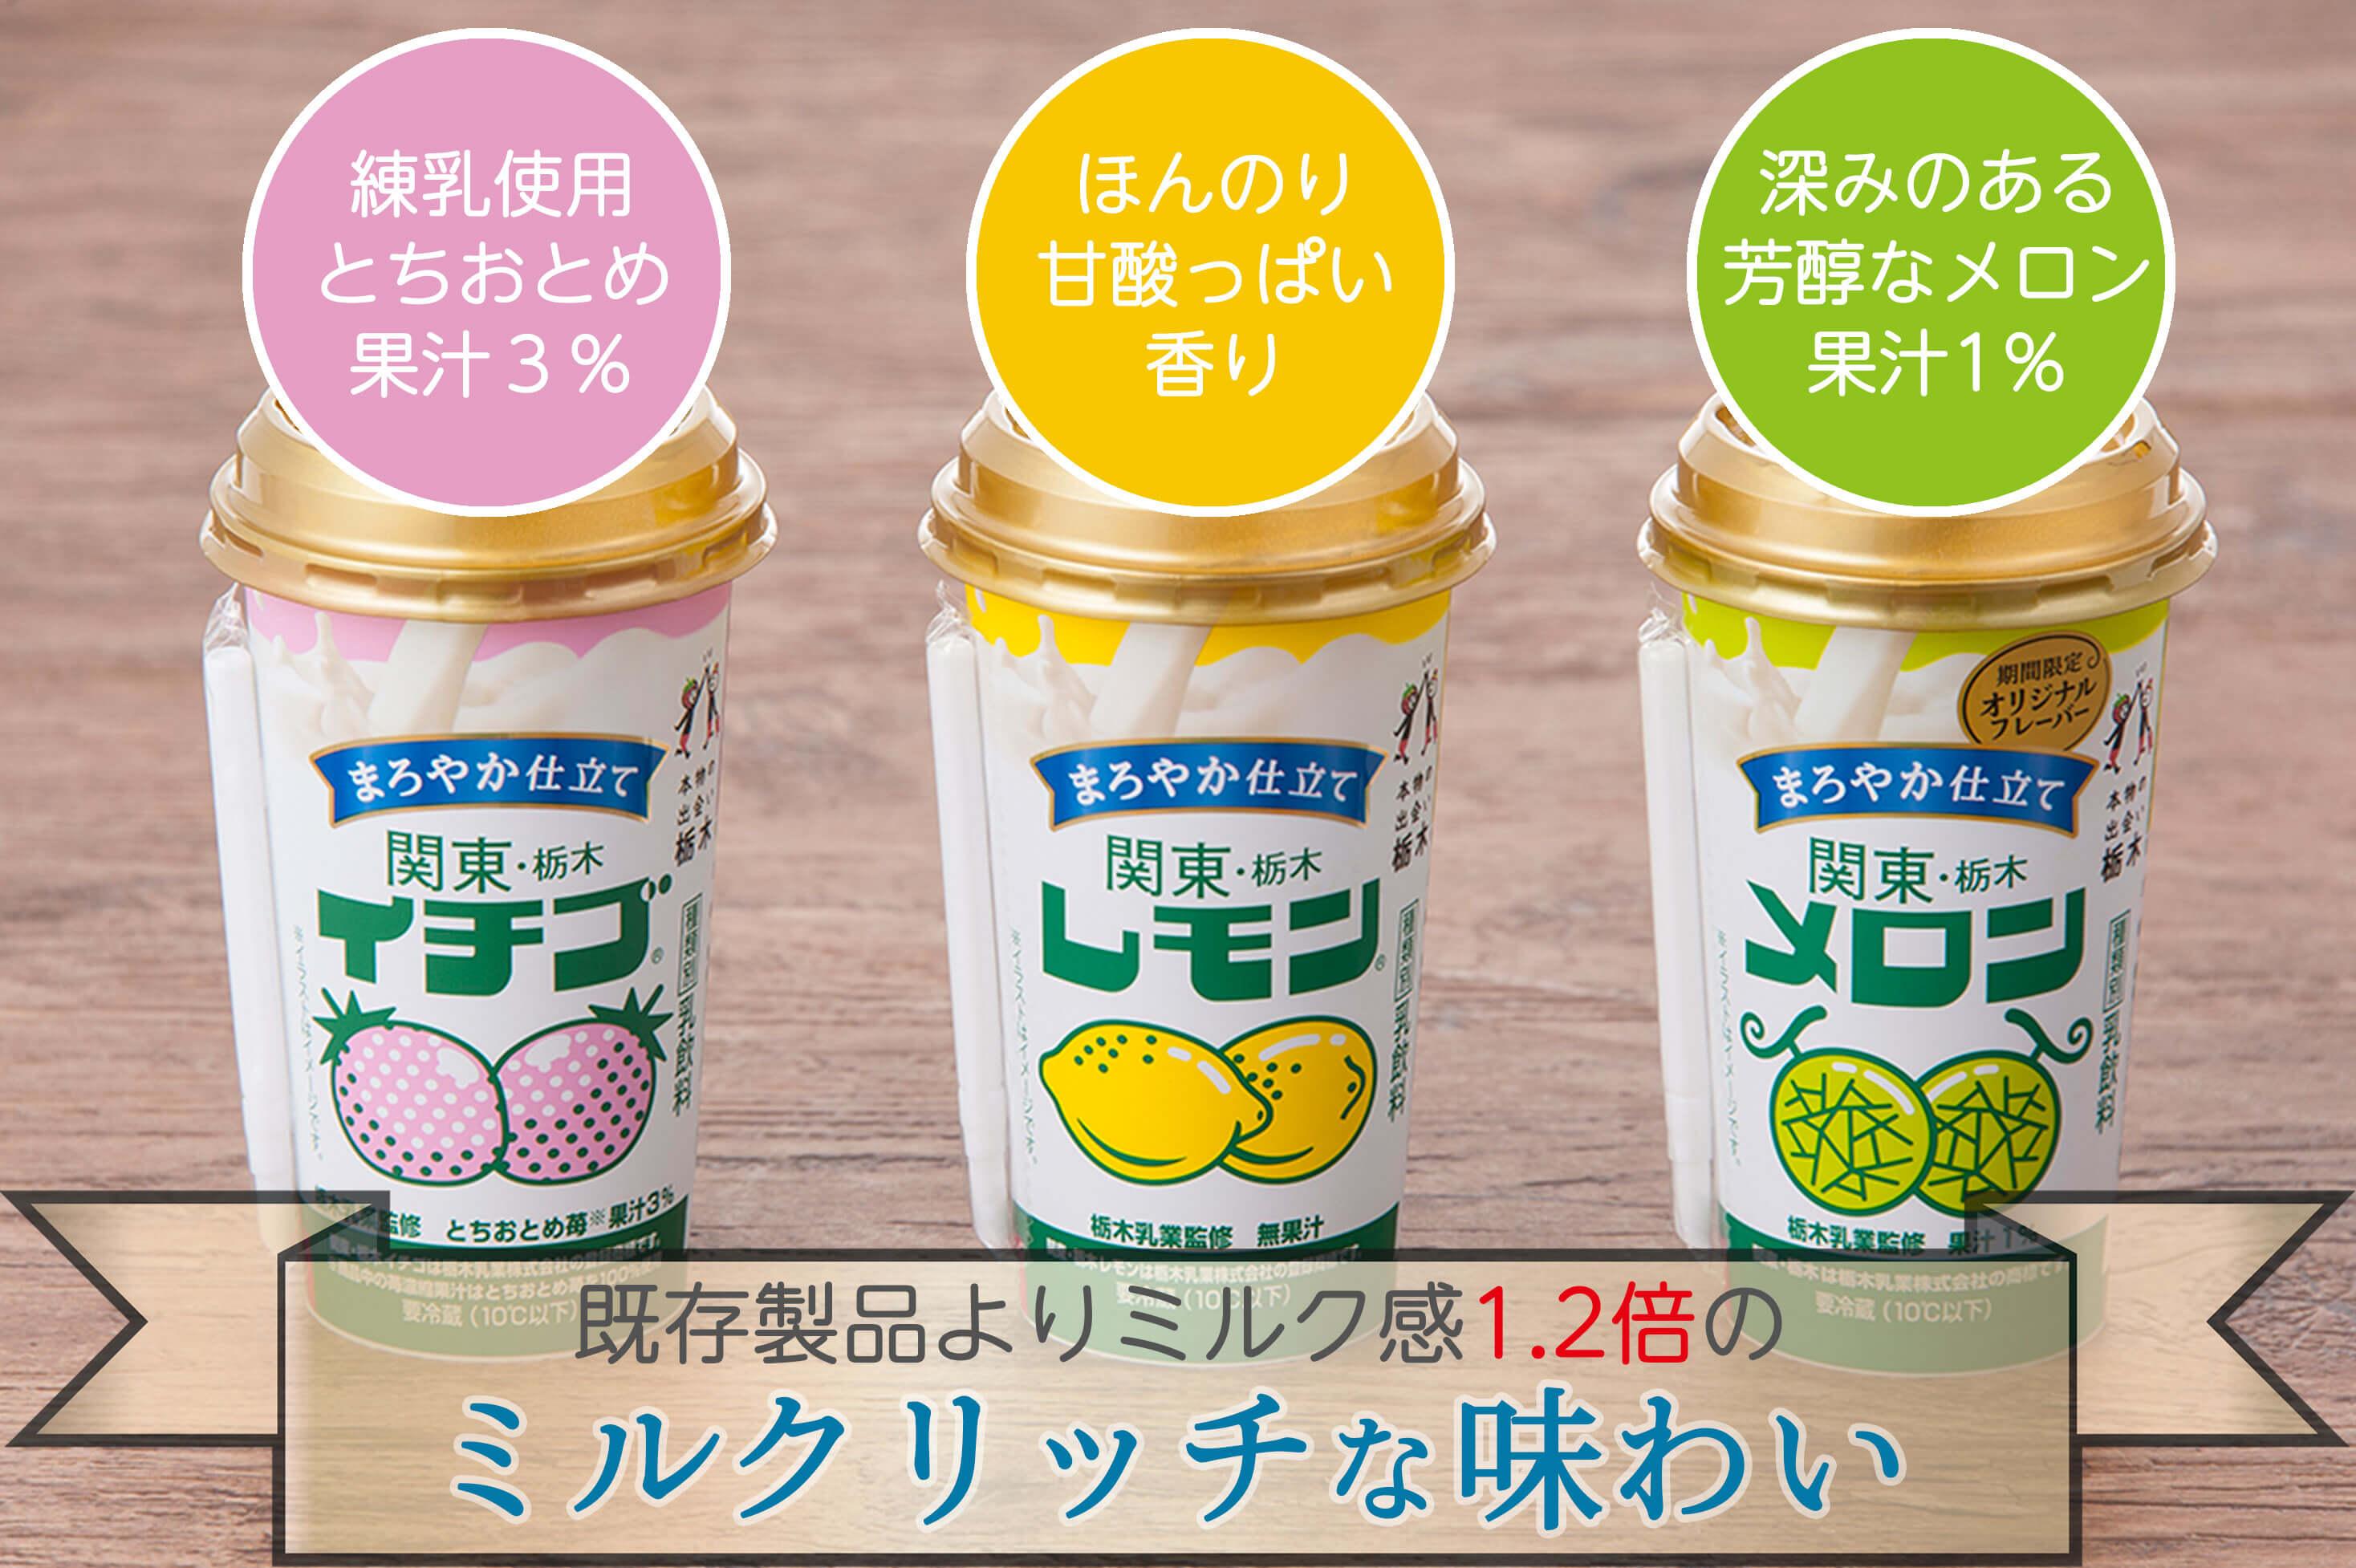 関東・栃木 レモン/イチゴ/メロン まろやか仕立て